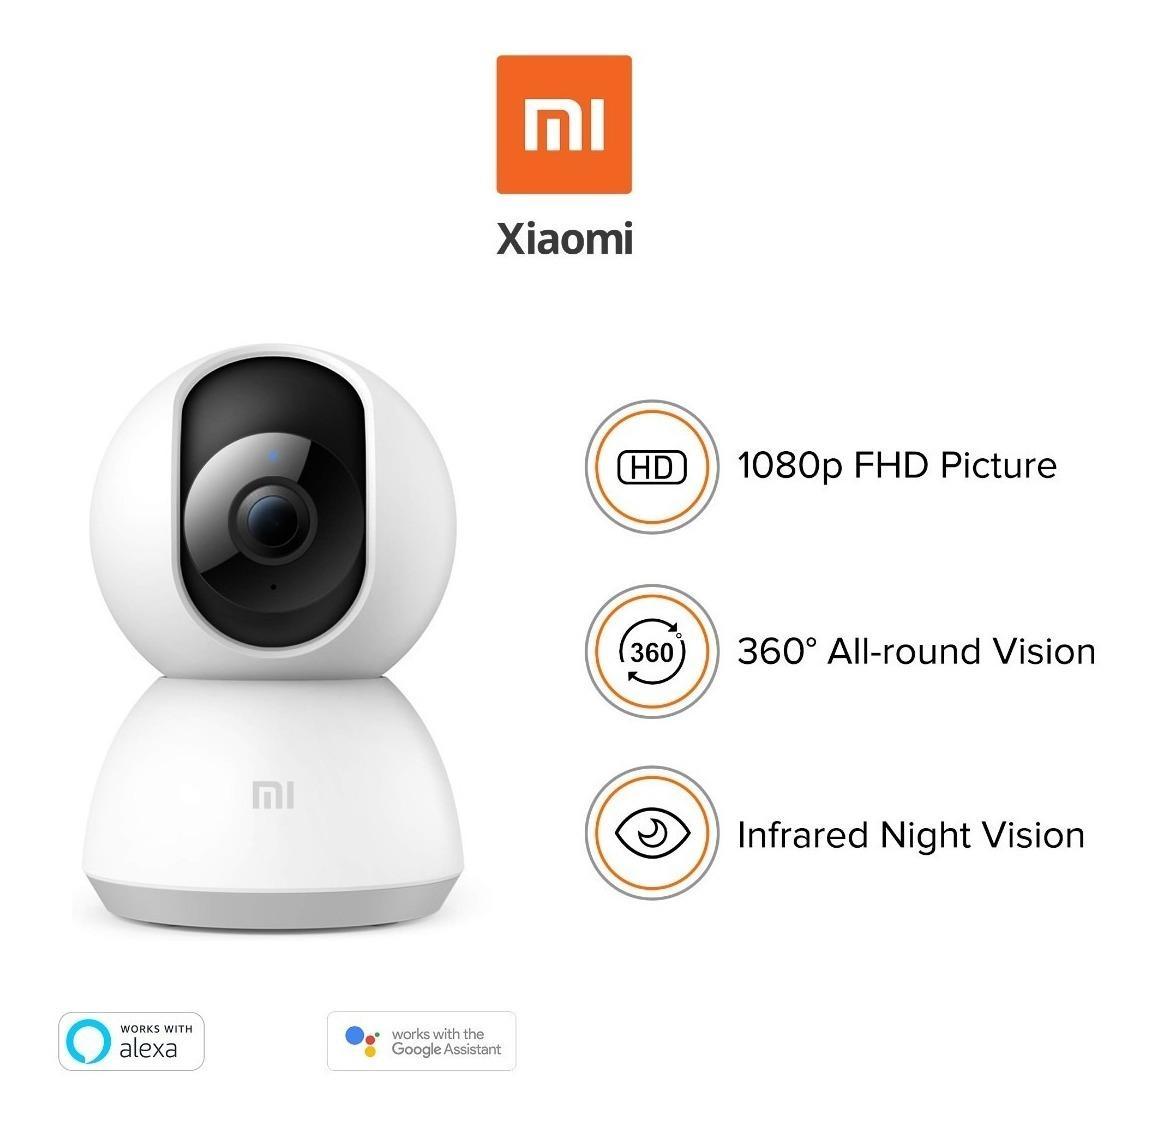 Camera IP Xiaomi Mi Home 360° 1080P (Trắng) - Hàng Chính Hãng DigiWorl , Xiaomi Mi Home 360 1080P Bản Quốc Tế Có Giá Cực Kỳ Tiết Kiệm